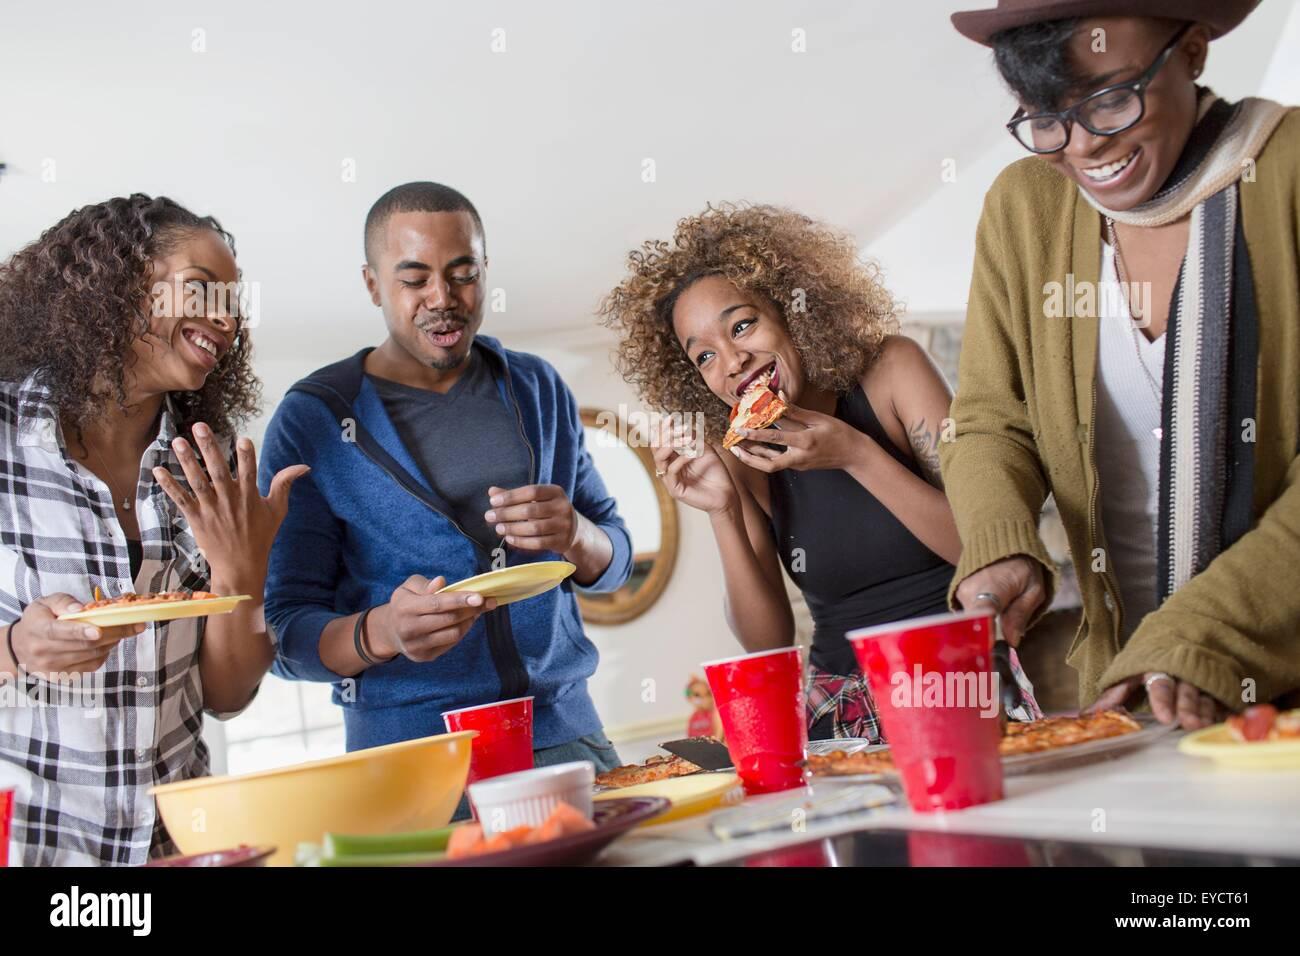 Vier Erwachsene Freunde, chatten und Party Essen in Küche Stockbild